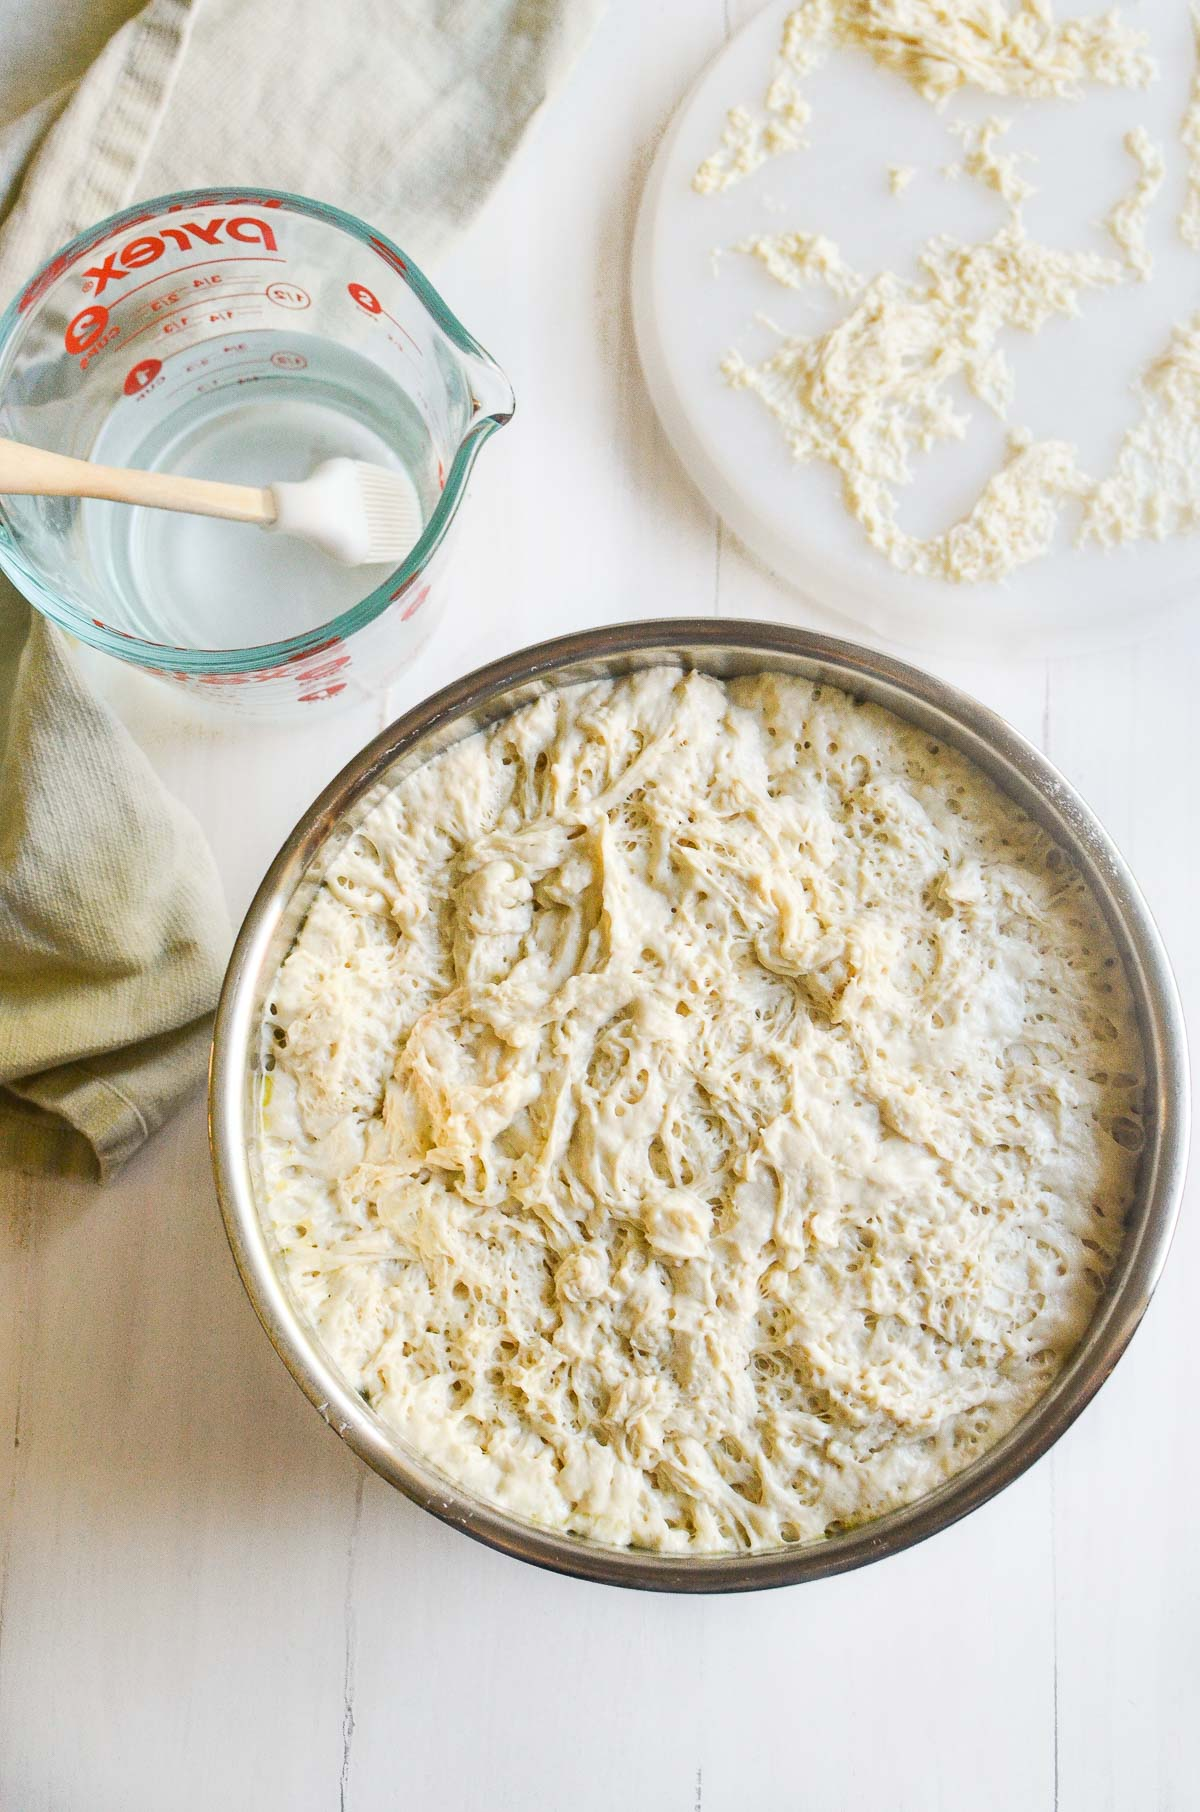 focaccia bread dough in a bowl